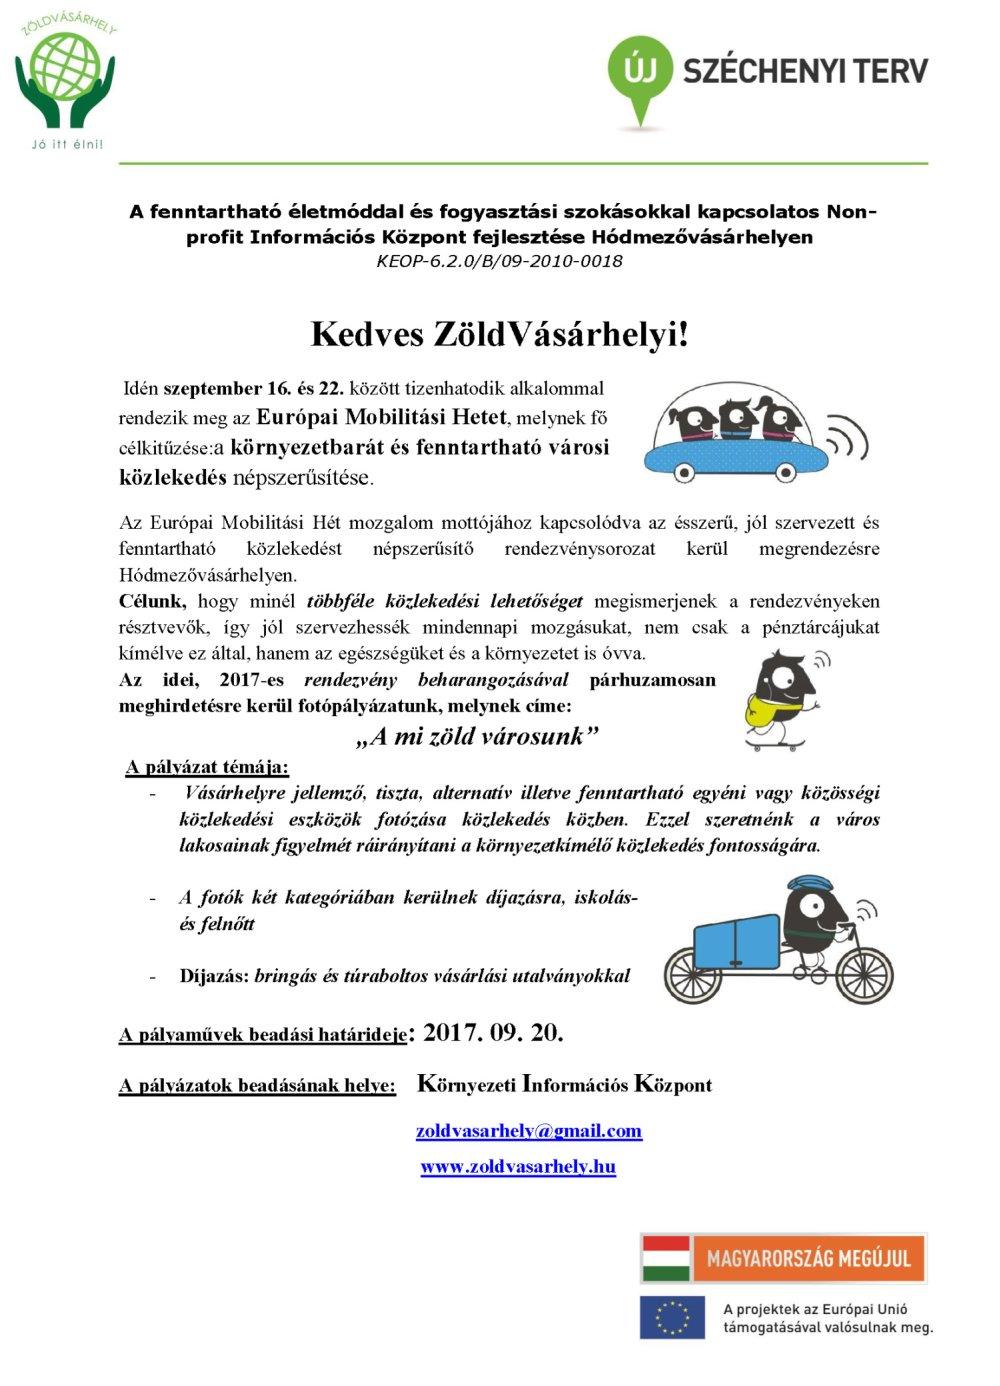 Mobilitási hét 2017 - Fotópályázat